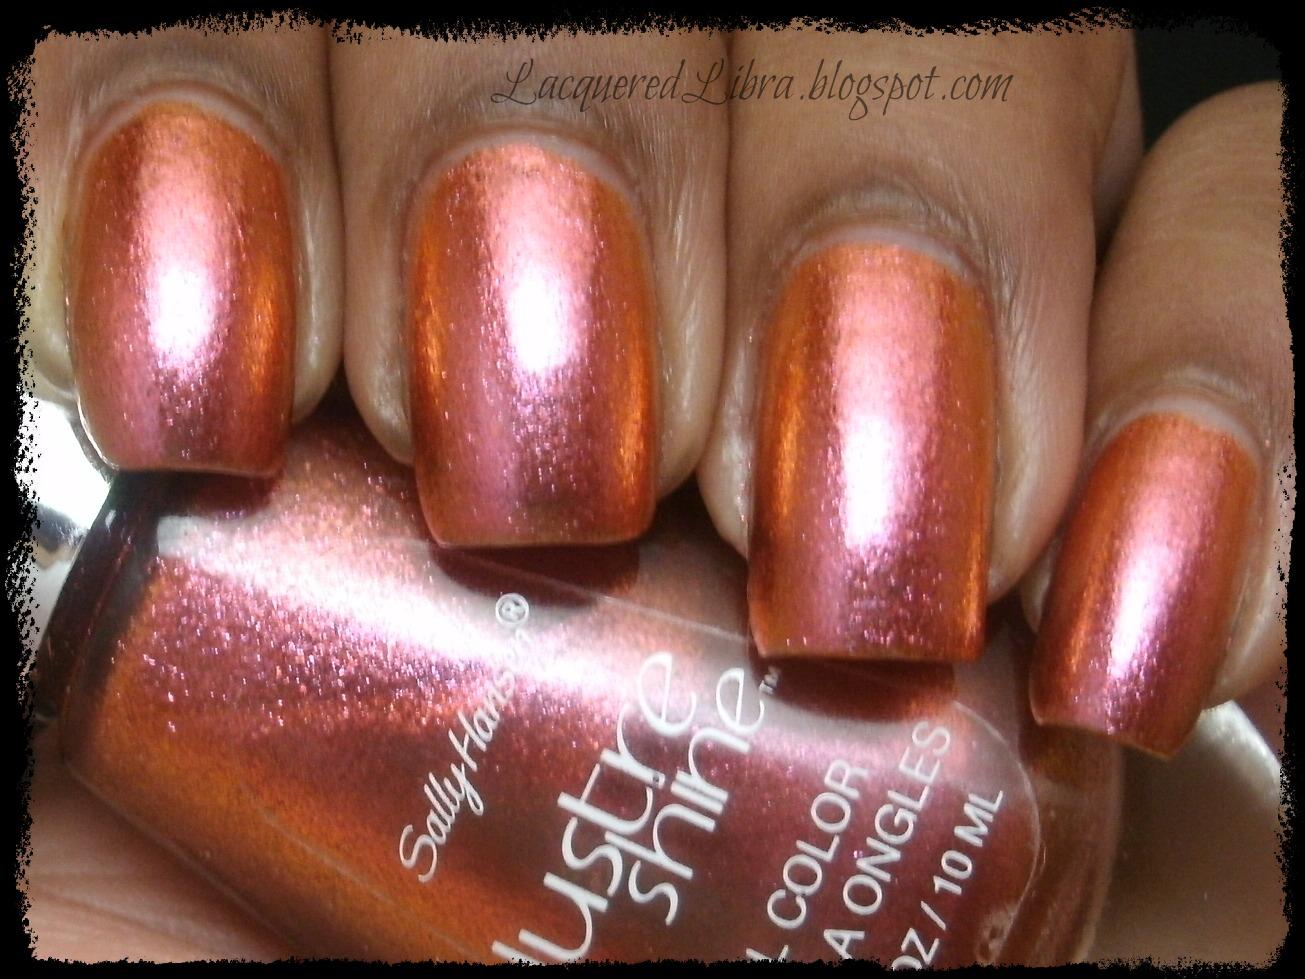 Lacquered Libra: Sally Hansen Lustre Shine Lava